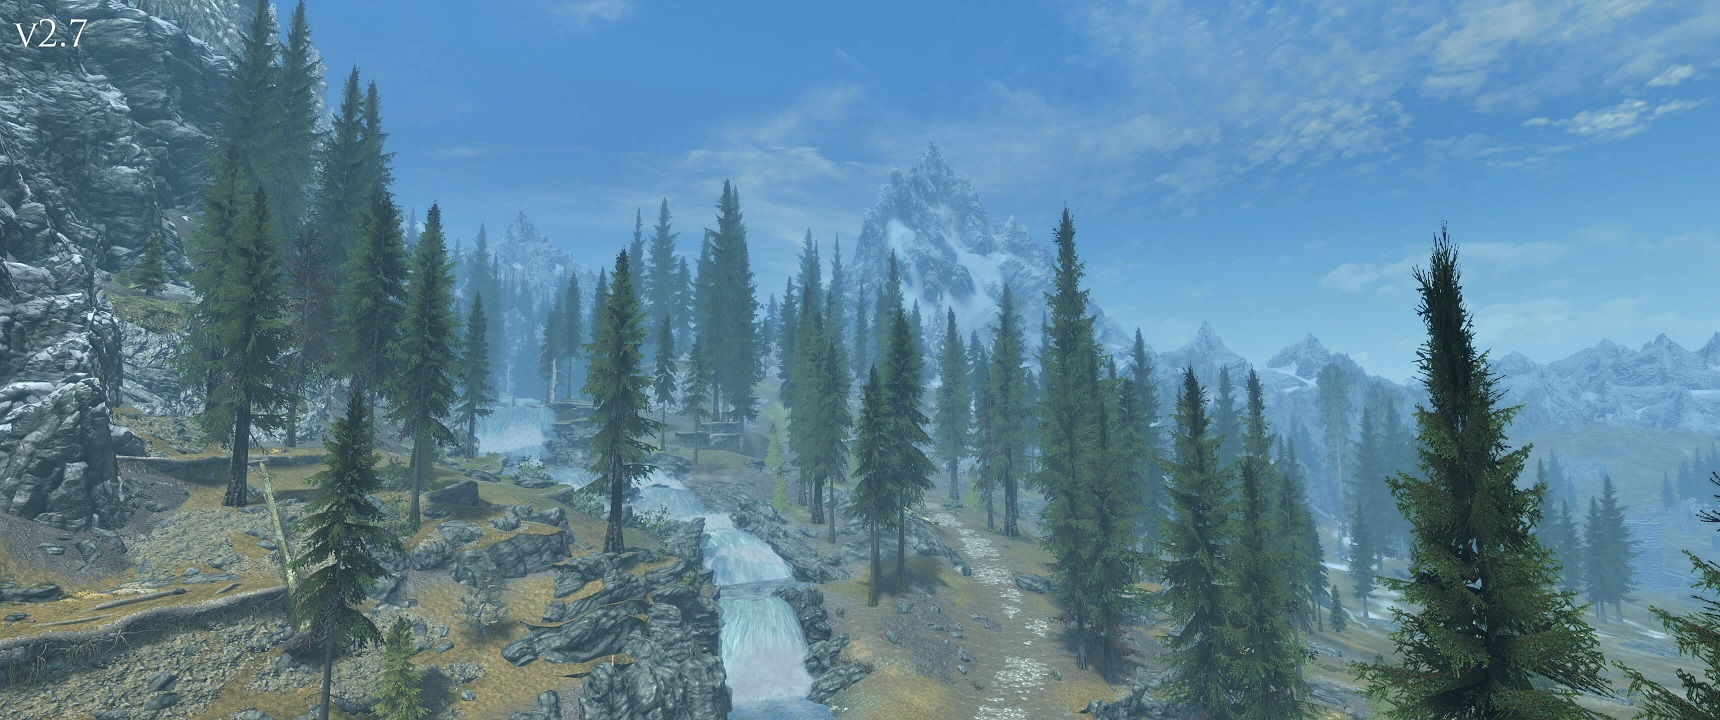 Skyrim SE - Улучшенная флора Скайрима